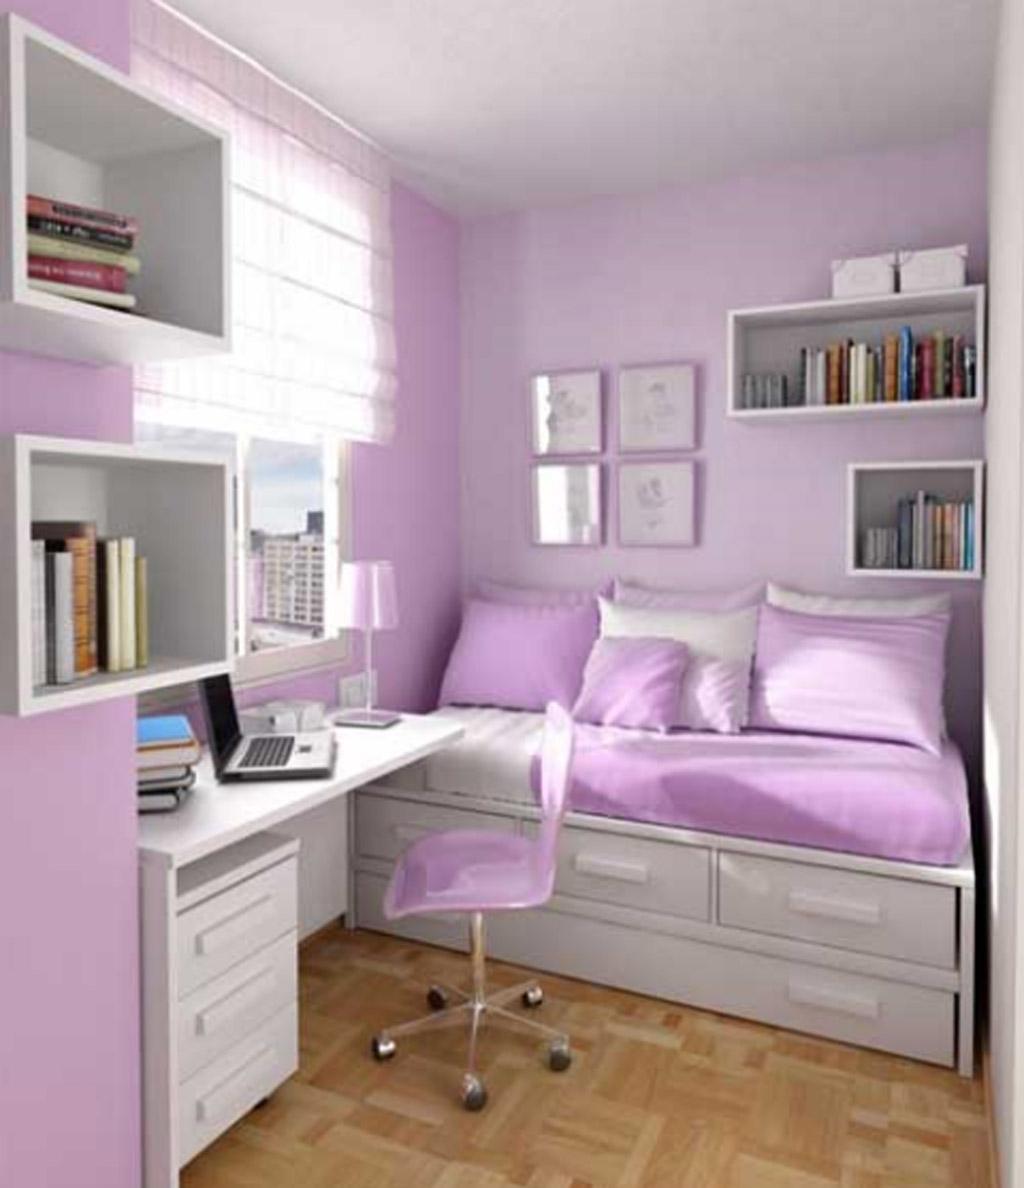 Design Ideas For Girls Bedroom